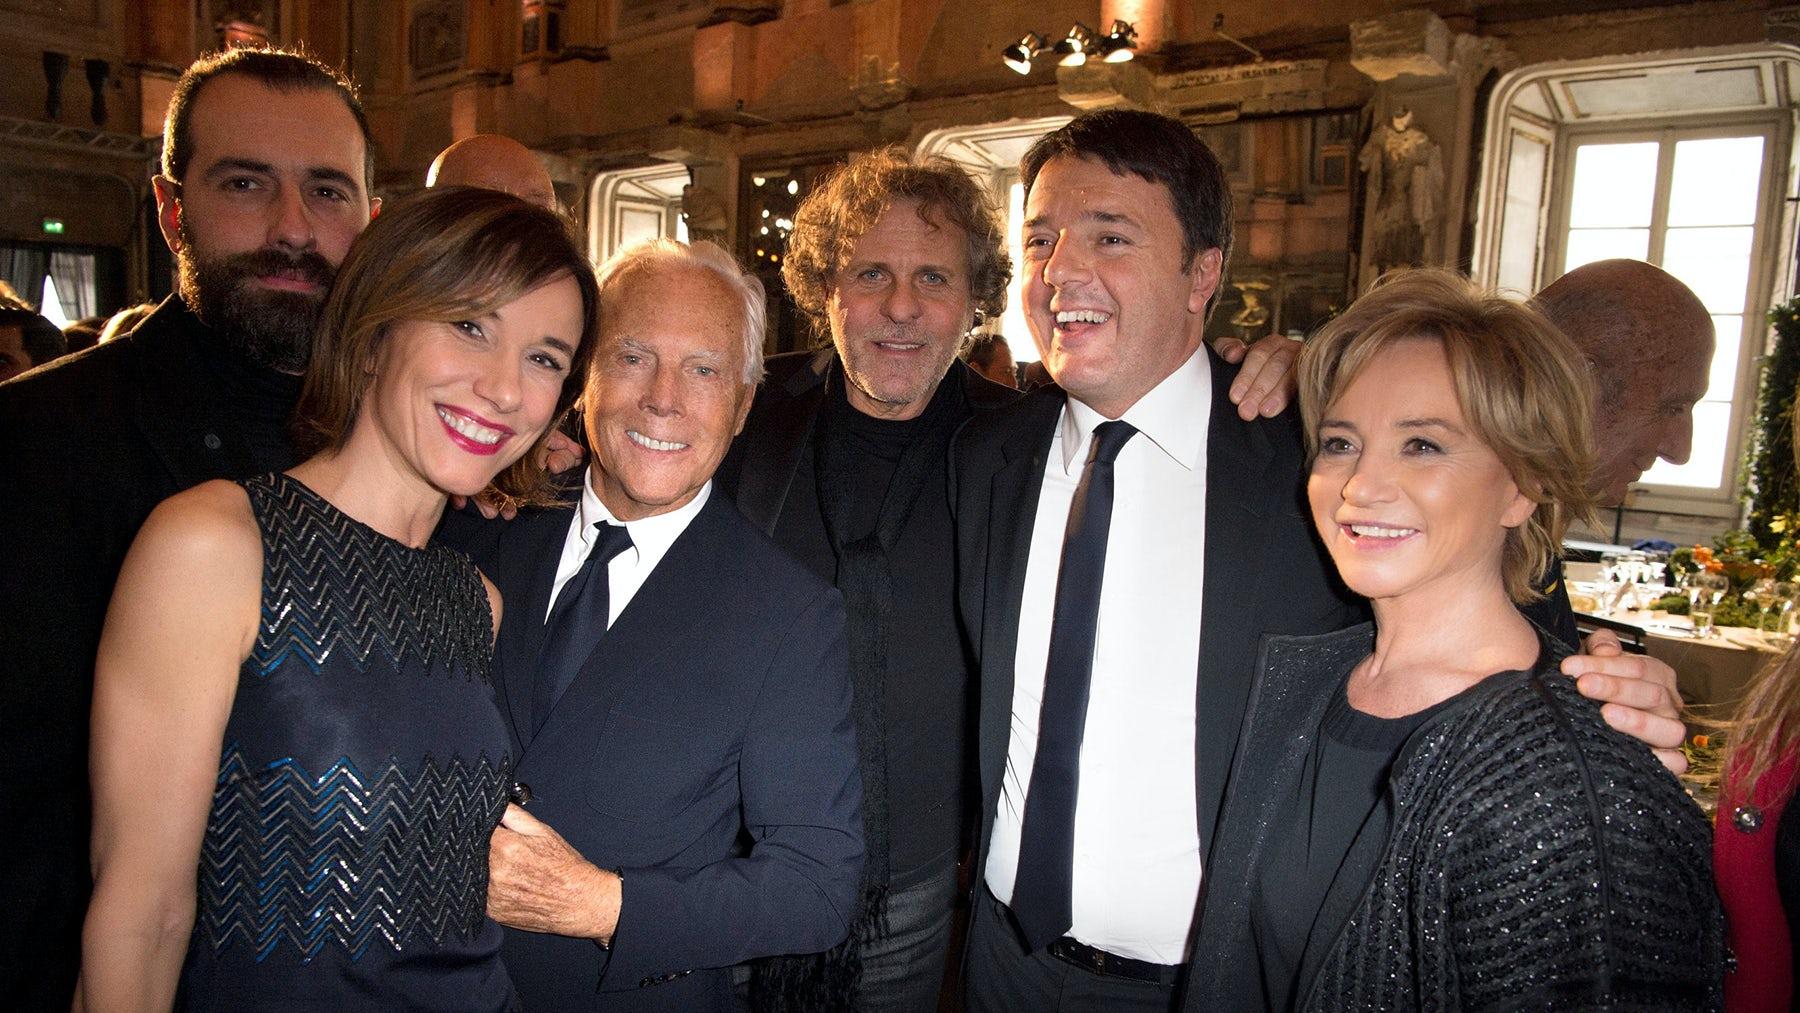 (From left) Giampietro Baudo, Silvia Grilli, Giorgio Armani, Matteo Renzi, Renzo Rosso, Alberta Ferretti | Source: Courtesy